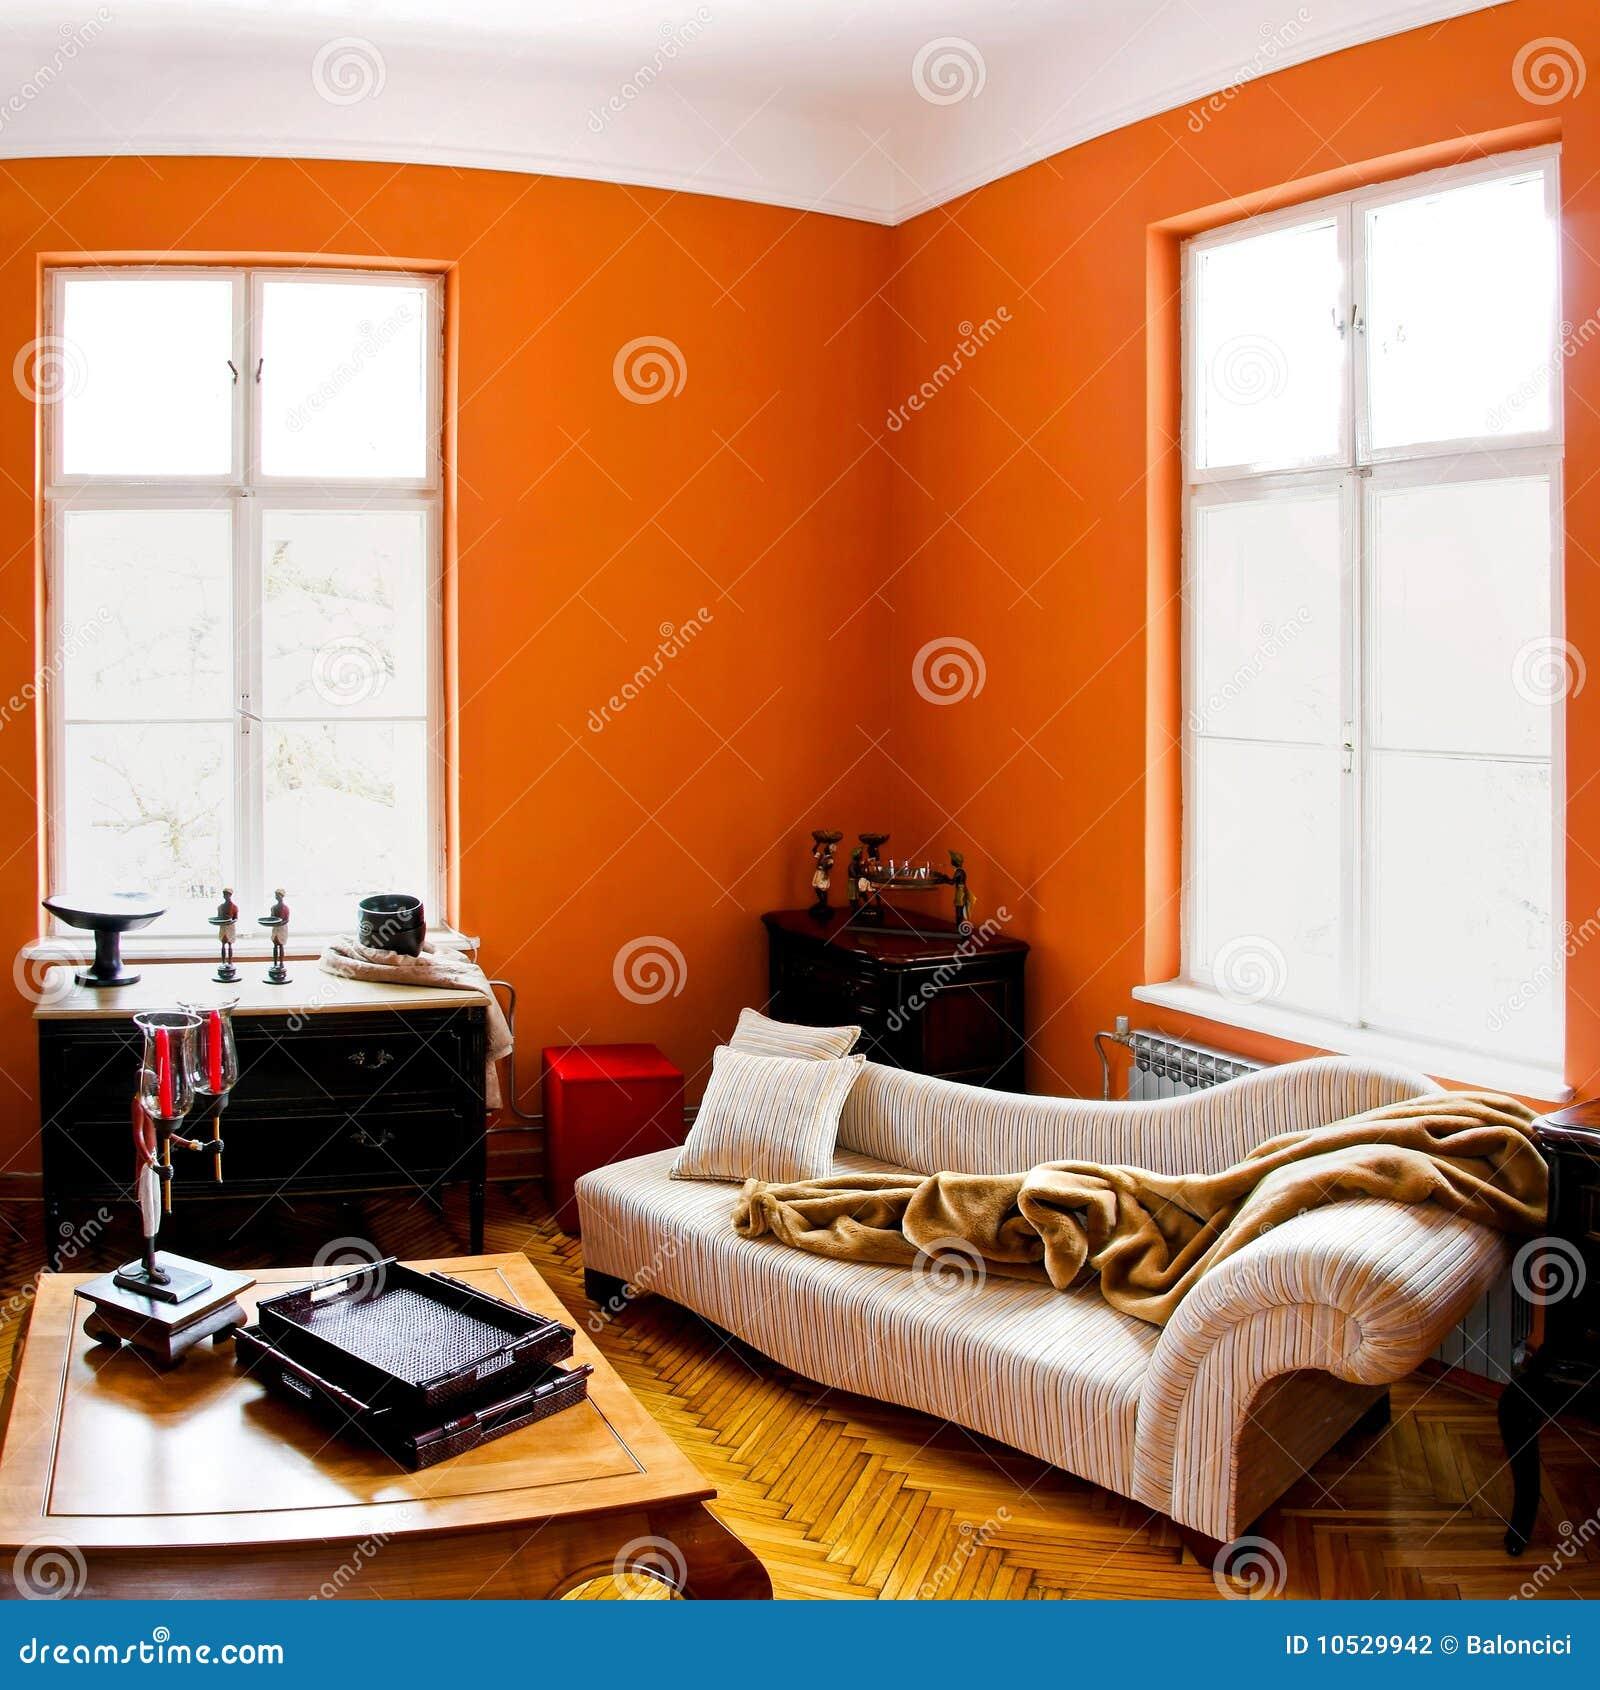 Schlafzimmer Ideen Farbe: Schlafzimmer einrichten. Img die ...